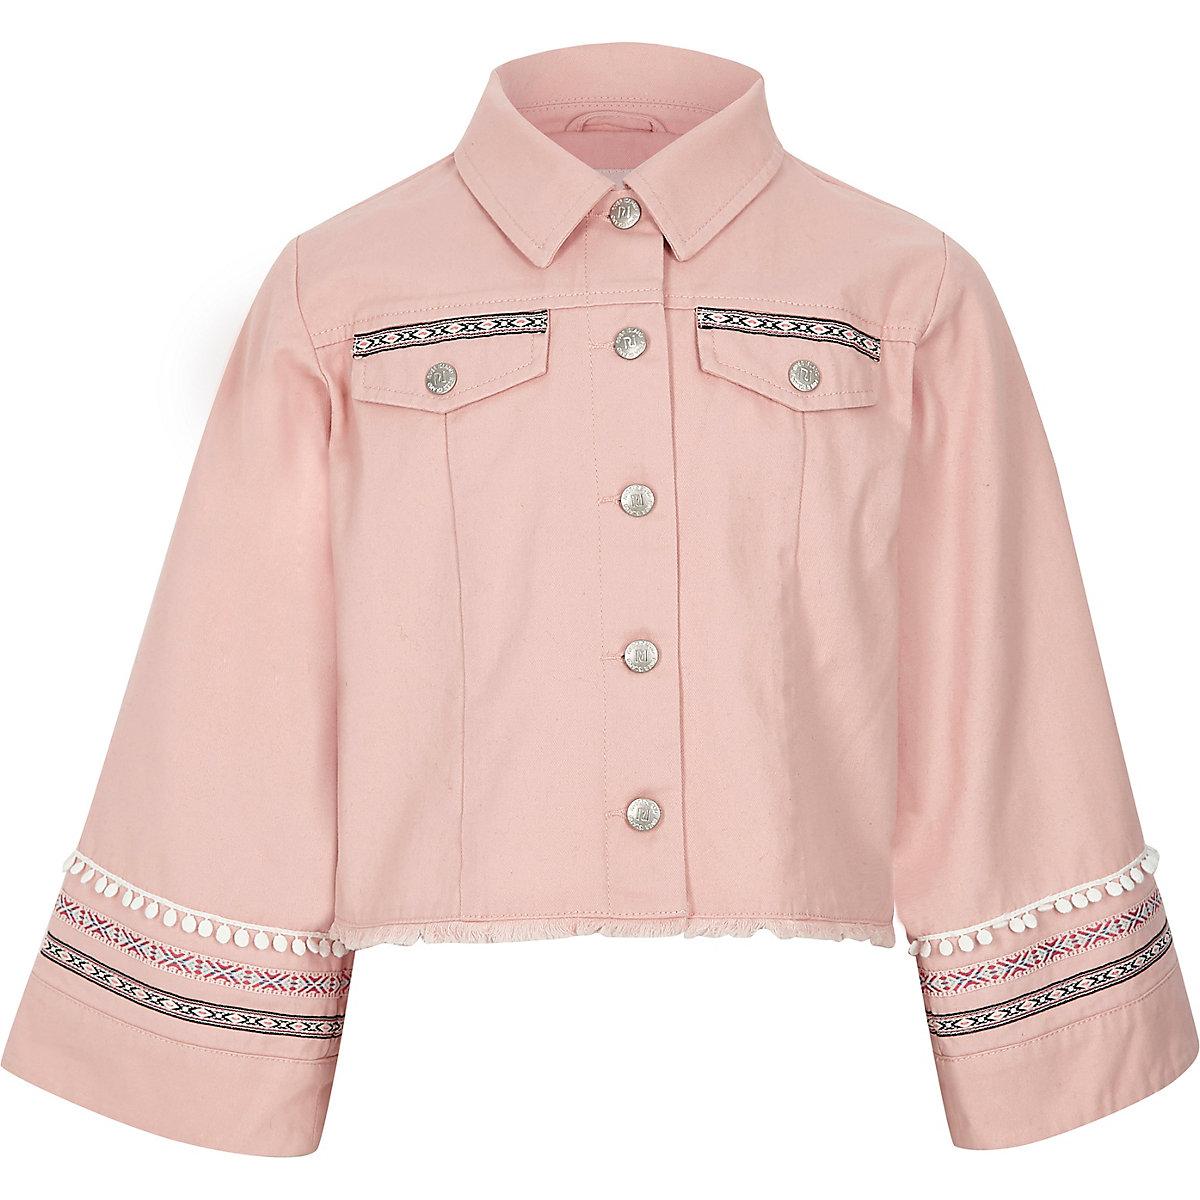 Veste-chemise rose ornée à manches larges pour fille